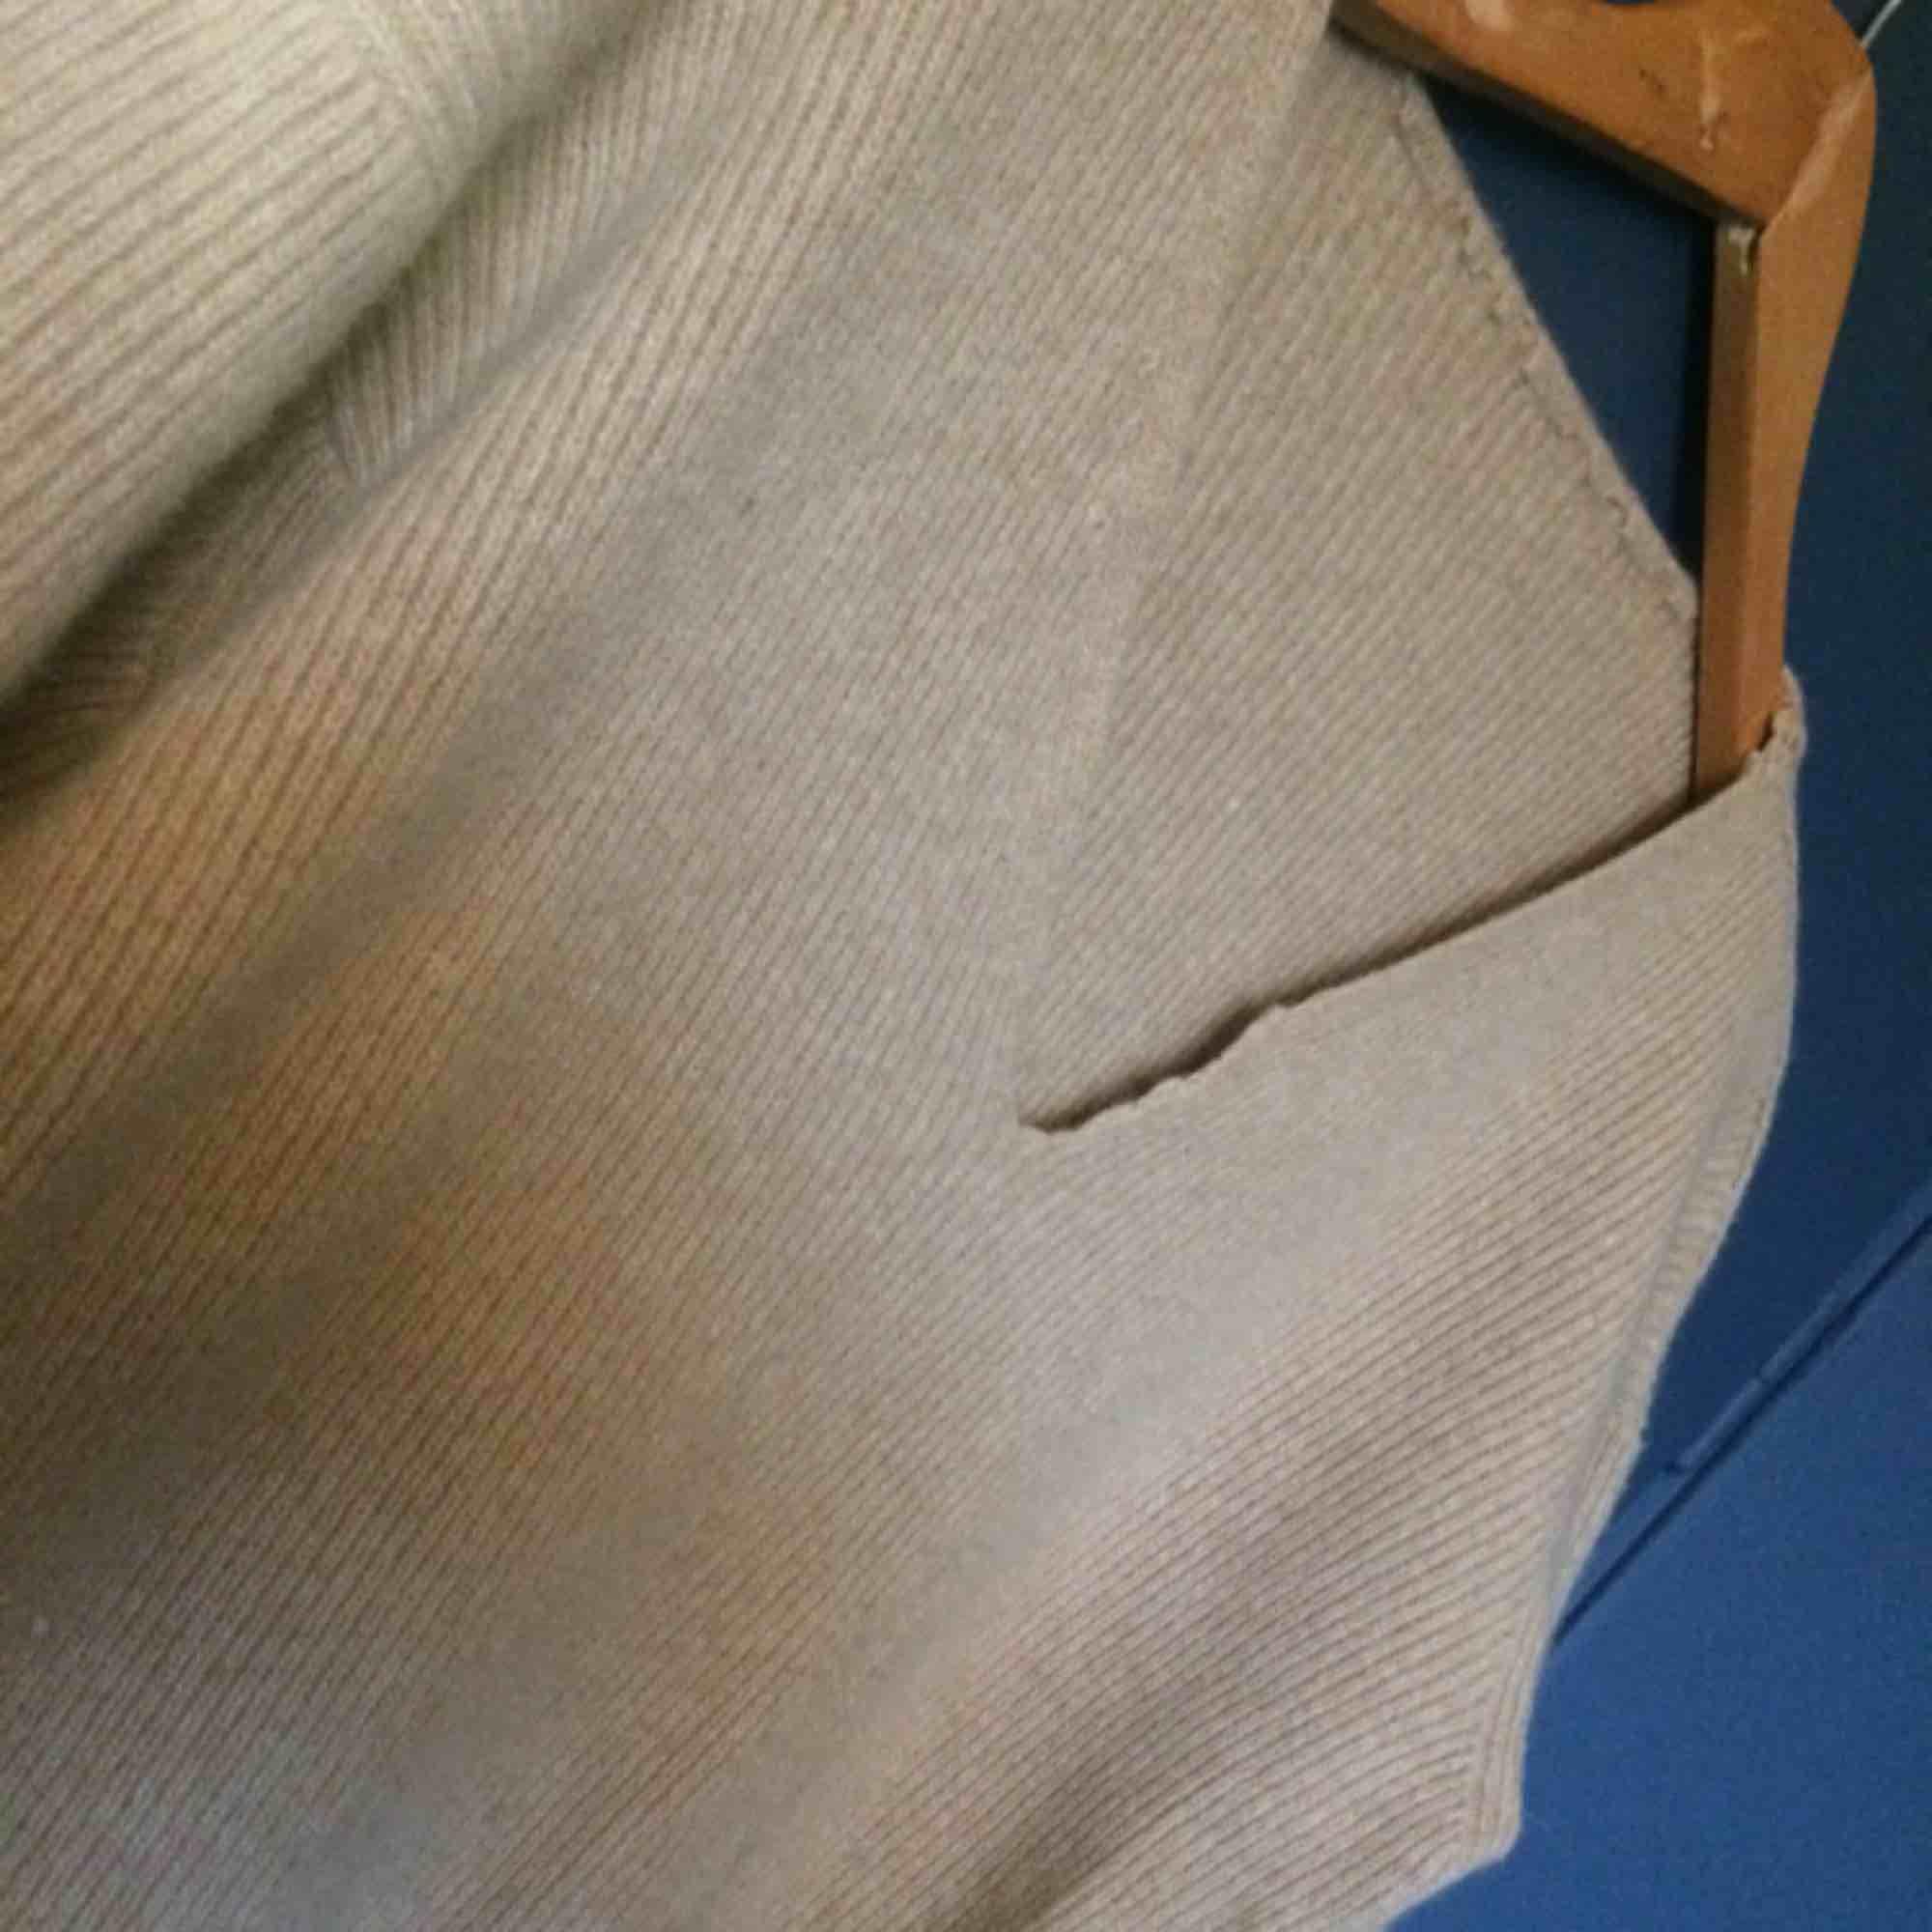 c15755fed4a Ingen Superskön mysig tröja funkar med både jeans eller strumpbyxor under.  Värmer väldigt bra! Ingen Superskön ...